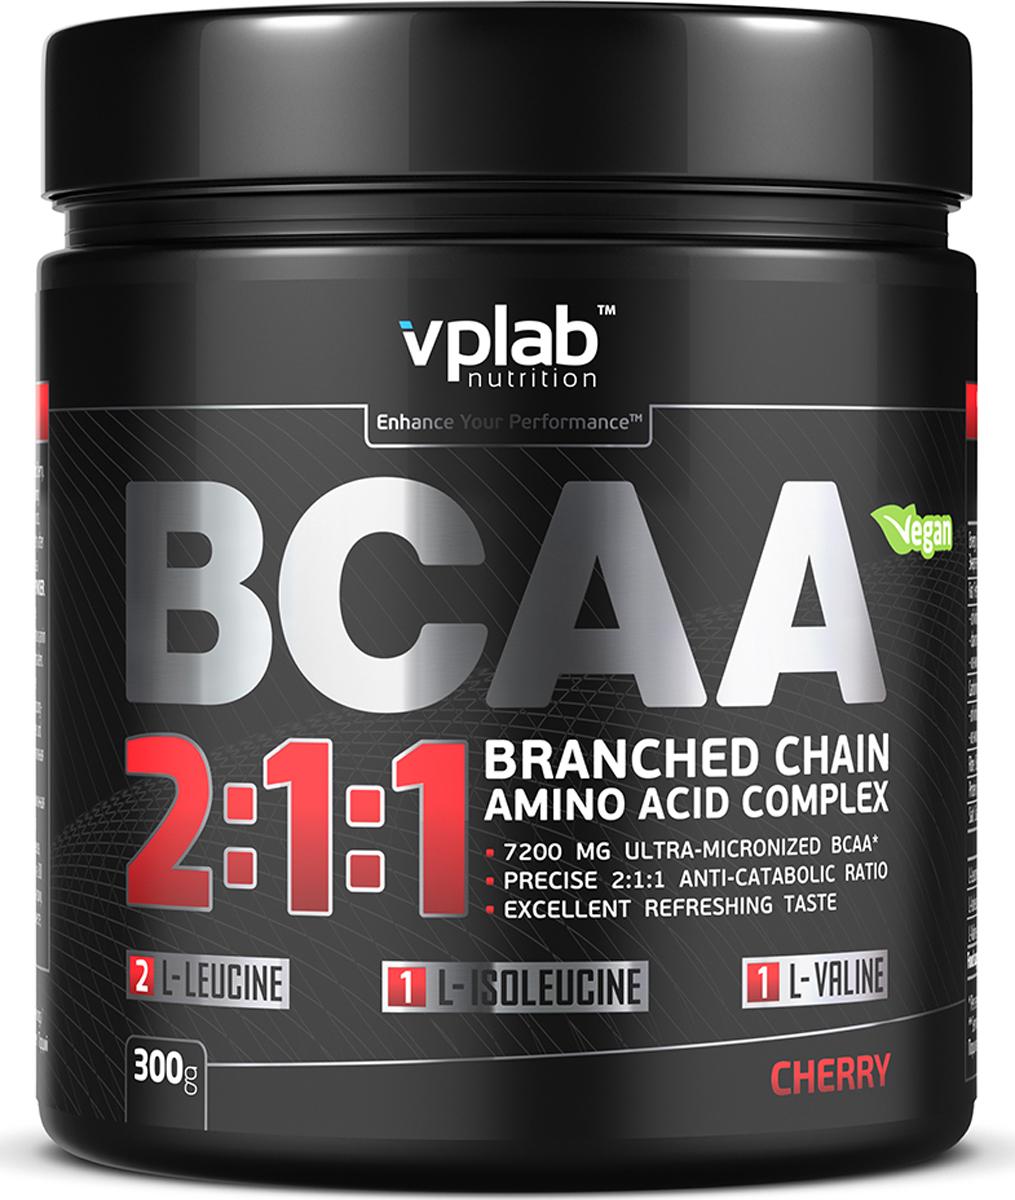 Аминокислотный комплекс Vplab BCAA 2:1:1, вишня, 300 г athletic nutrition bcaa 300 г